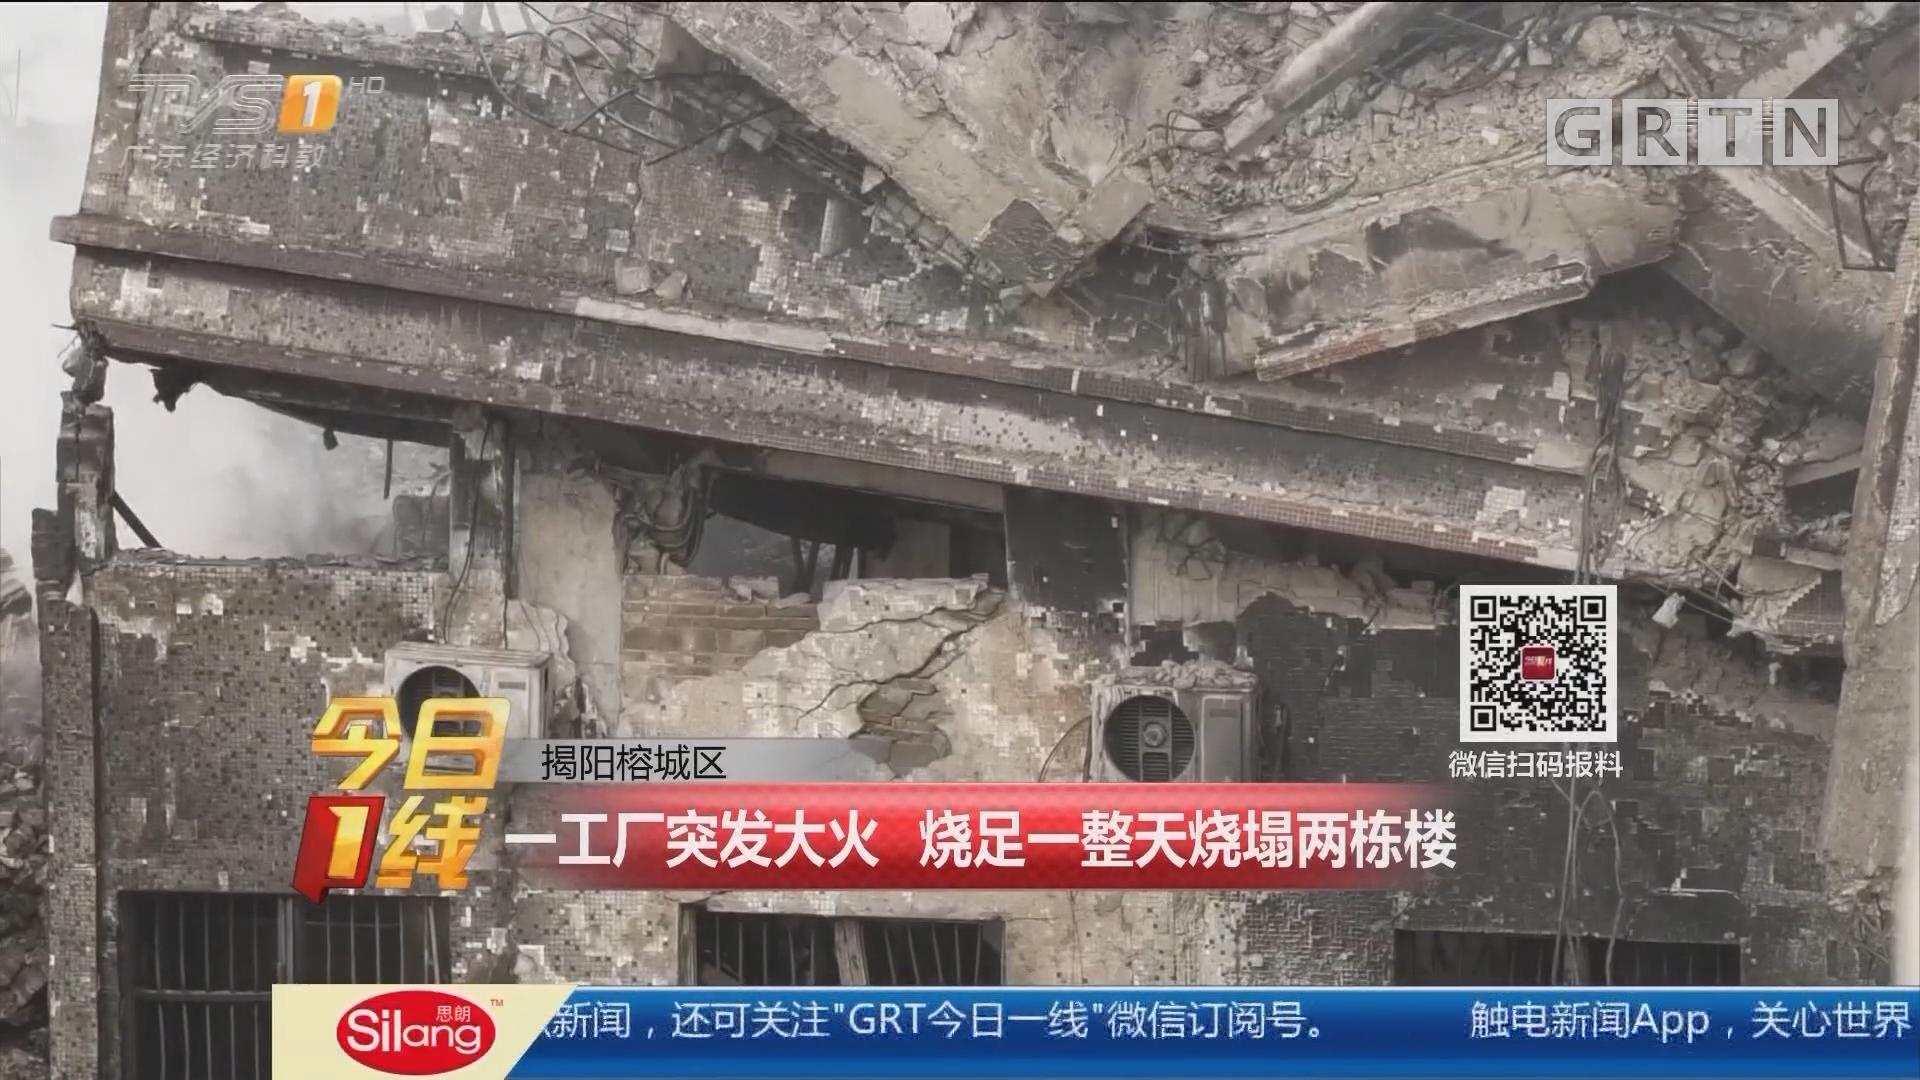 揭阳榕城区:一工厂突发大火 烧足一整天烧塌两栋楼